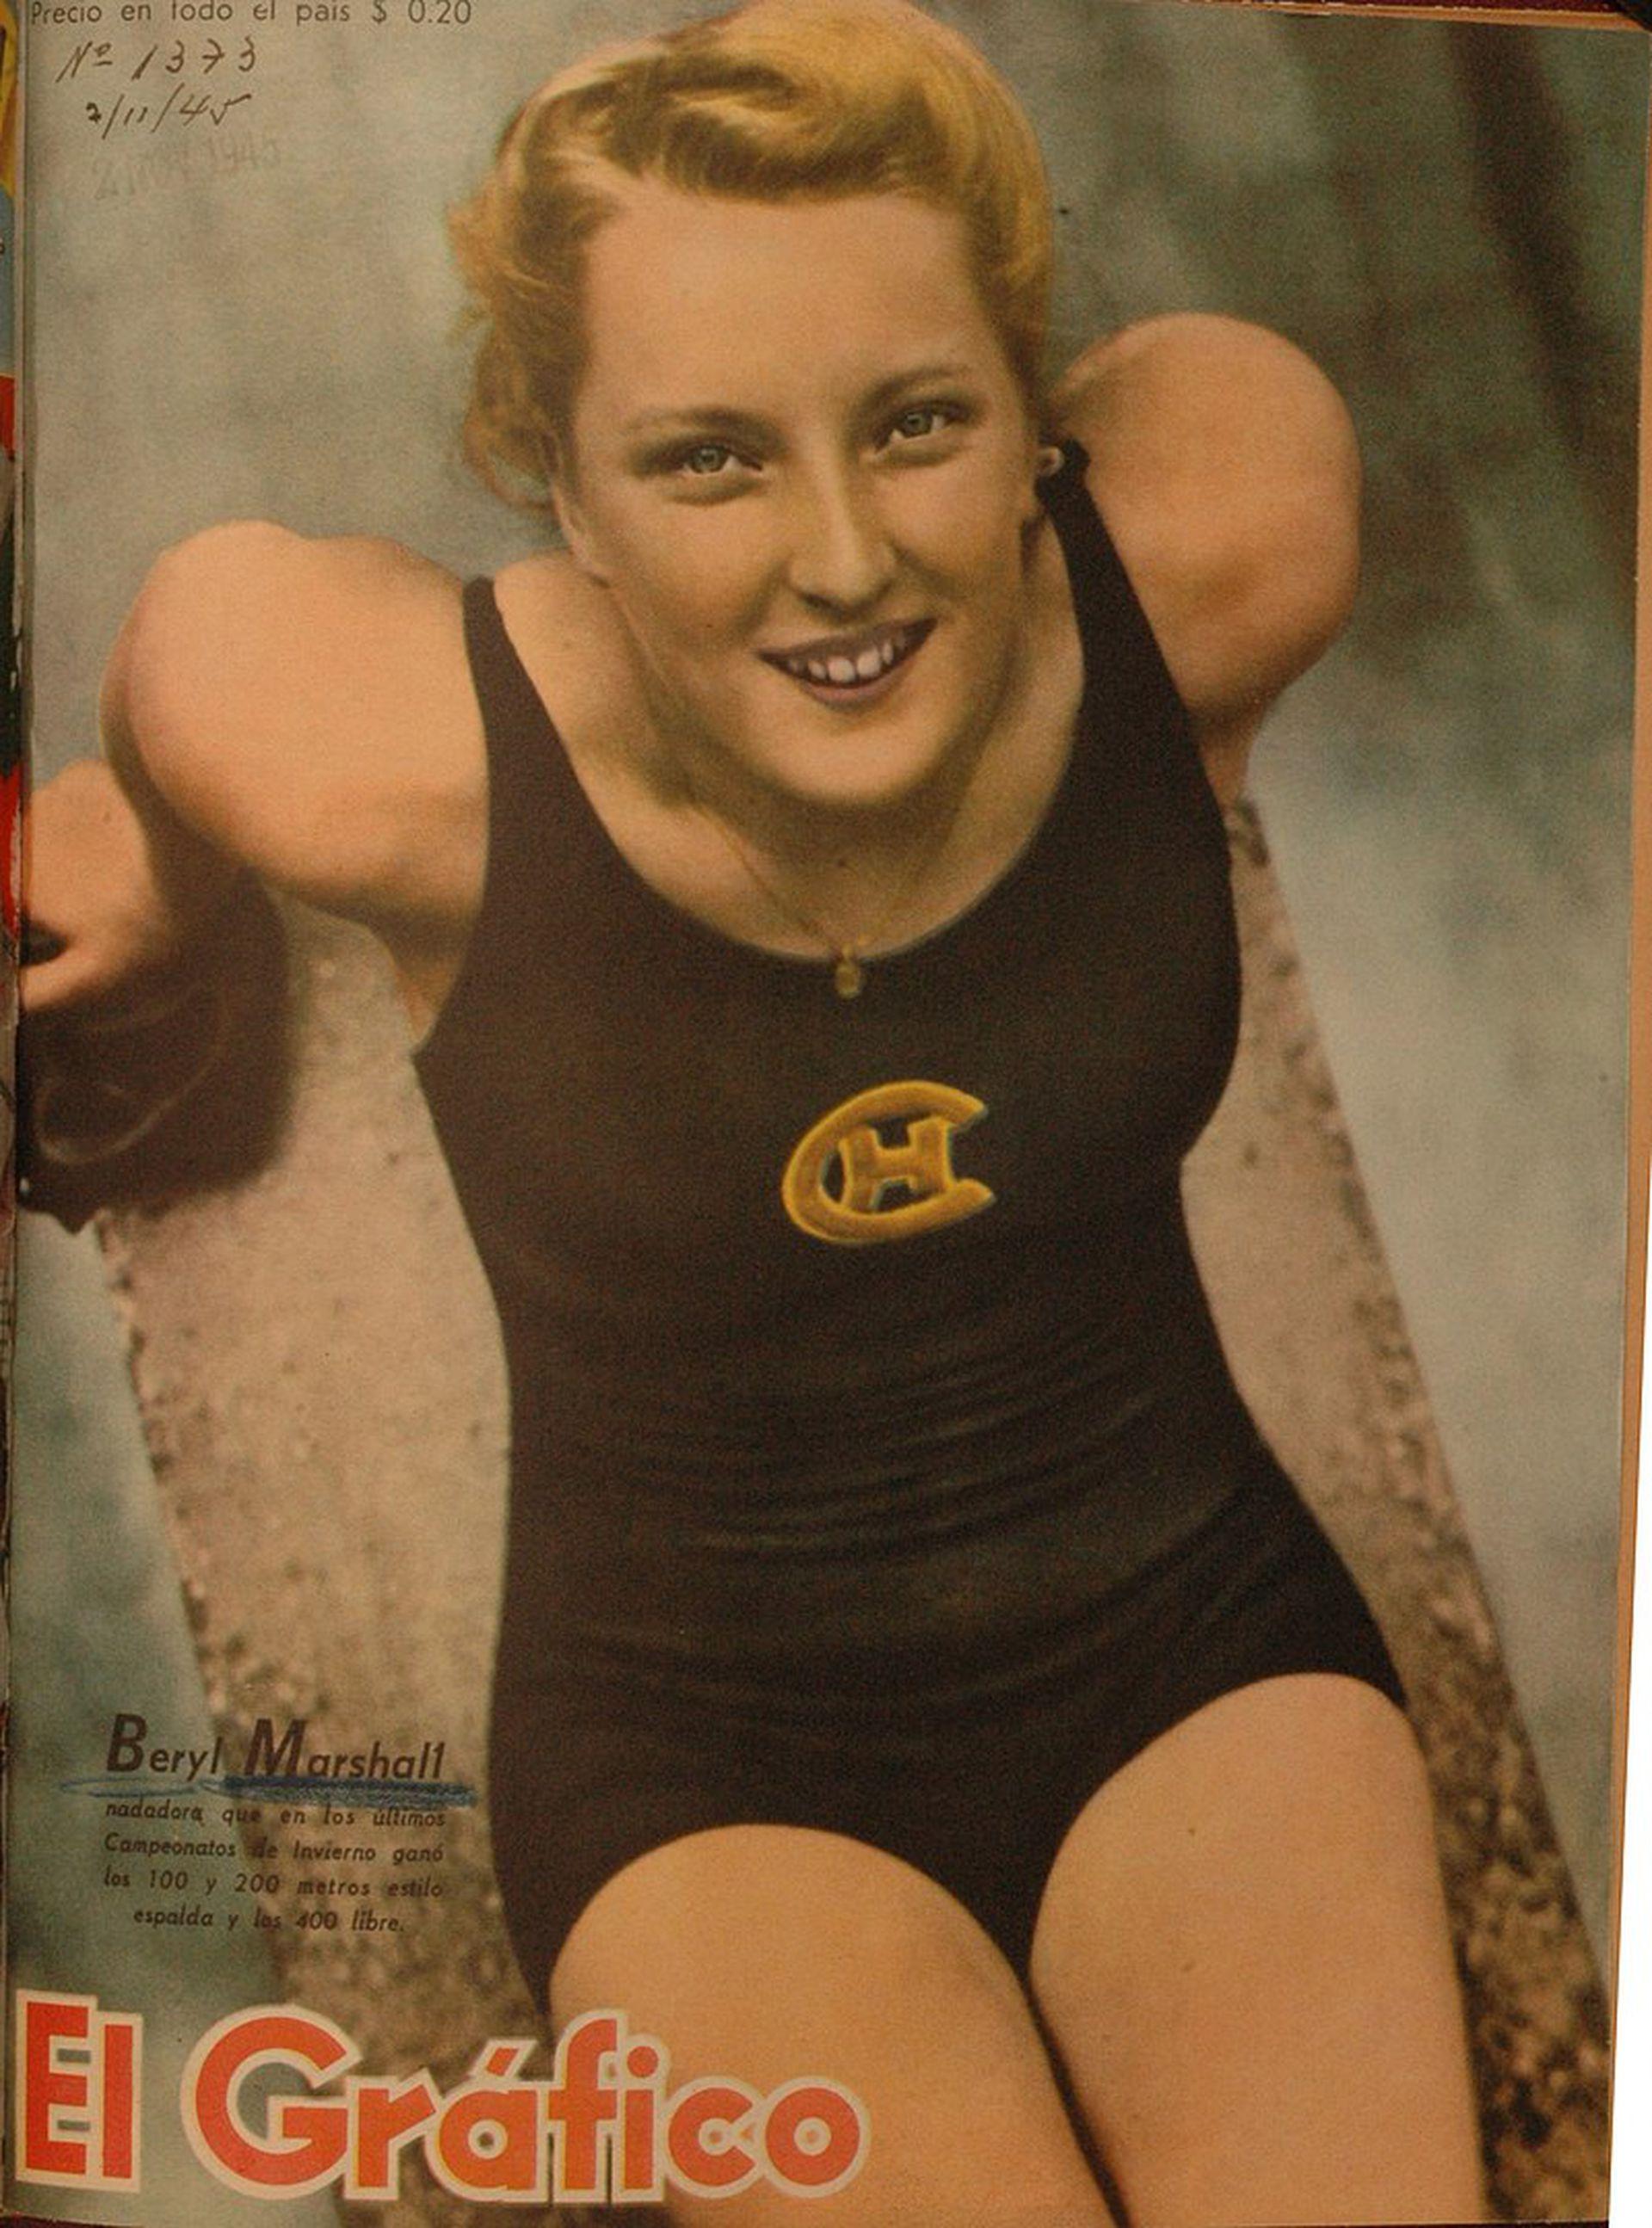 La nadadora Beryl Marshall fue la más buscada por la prensa extranjera.